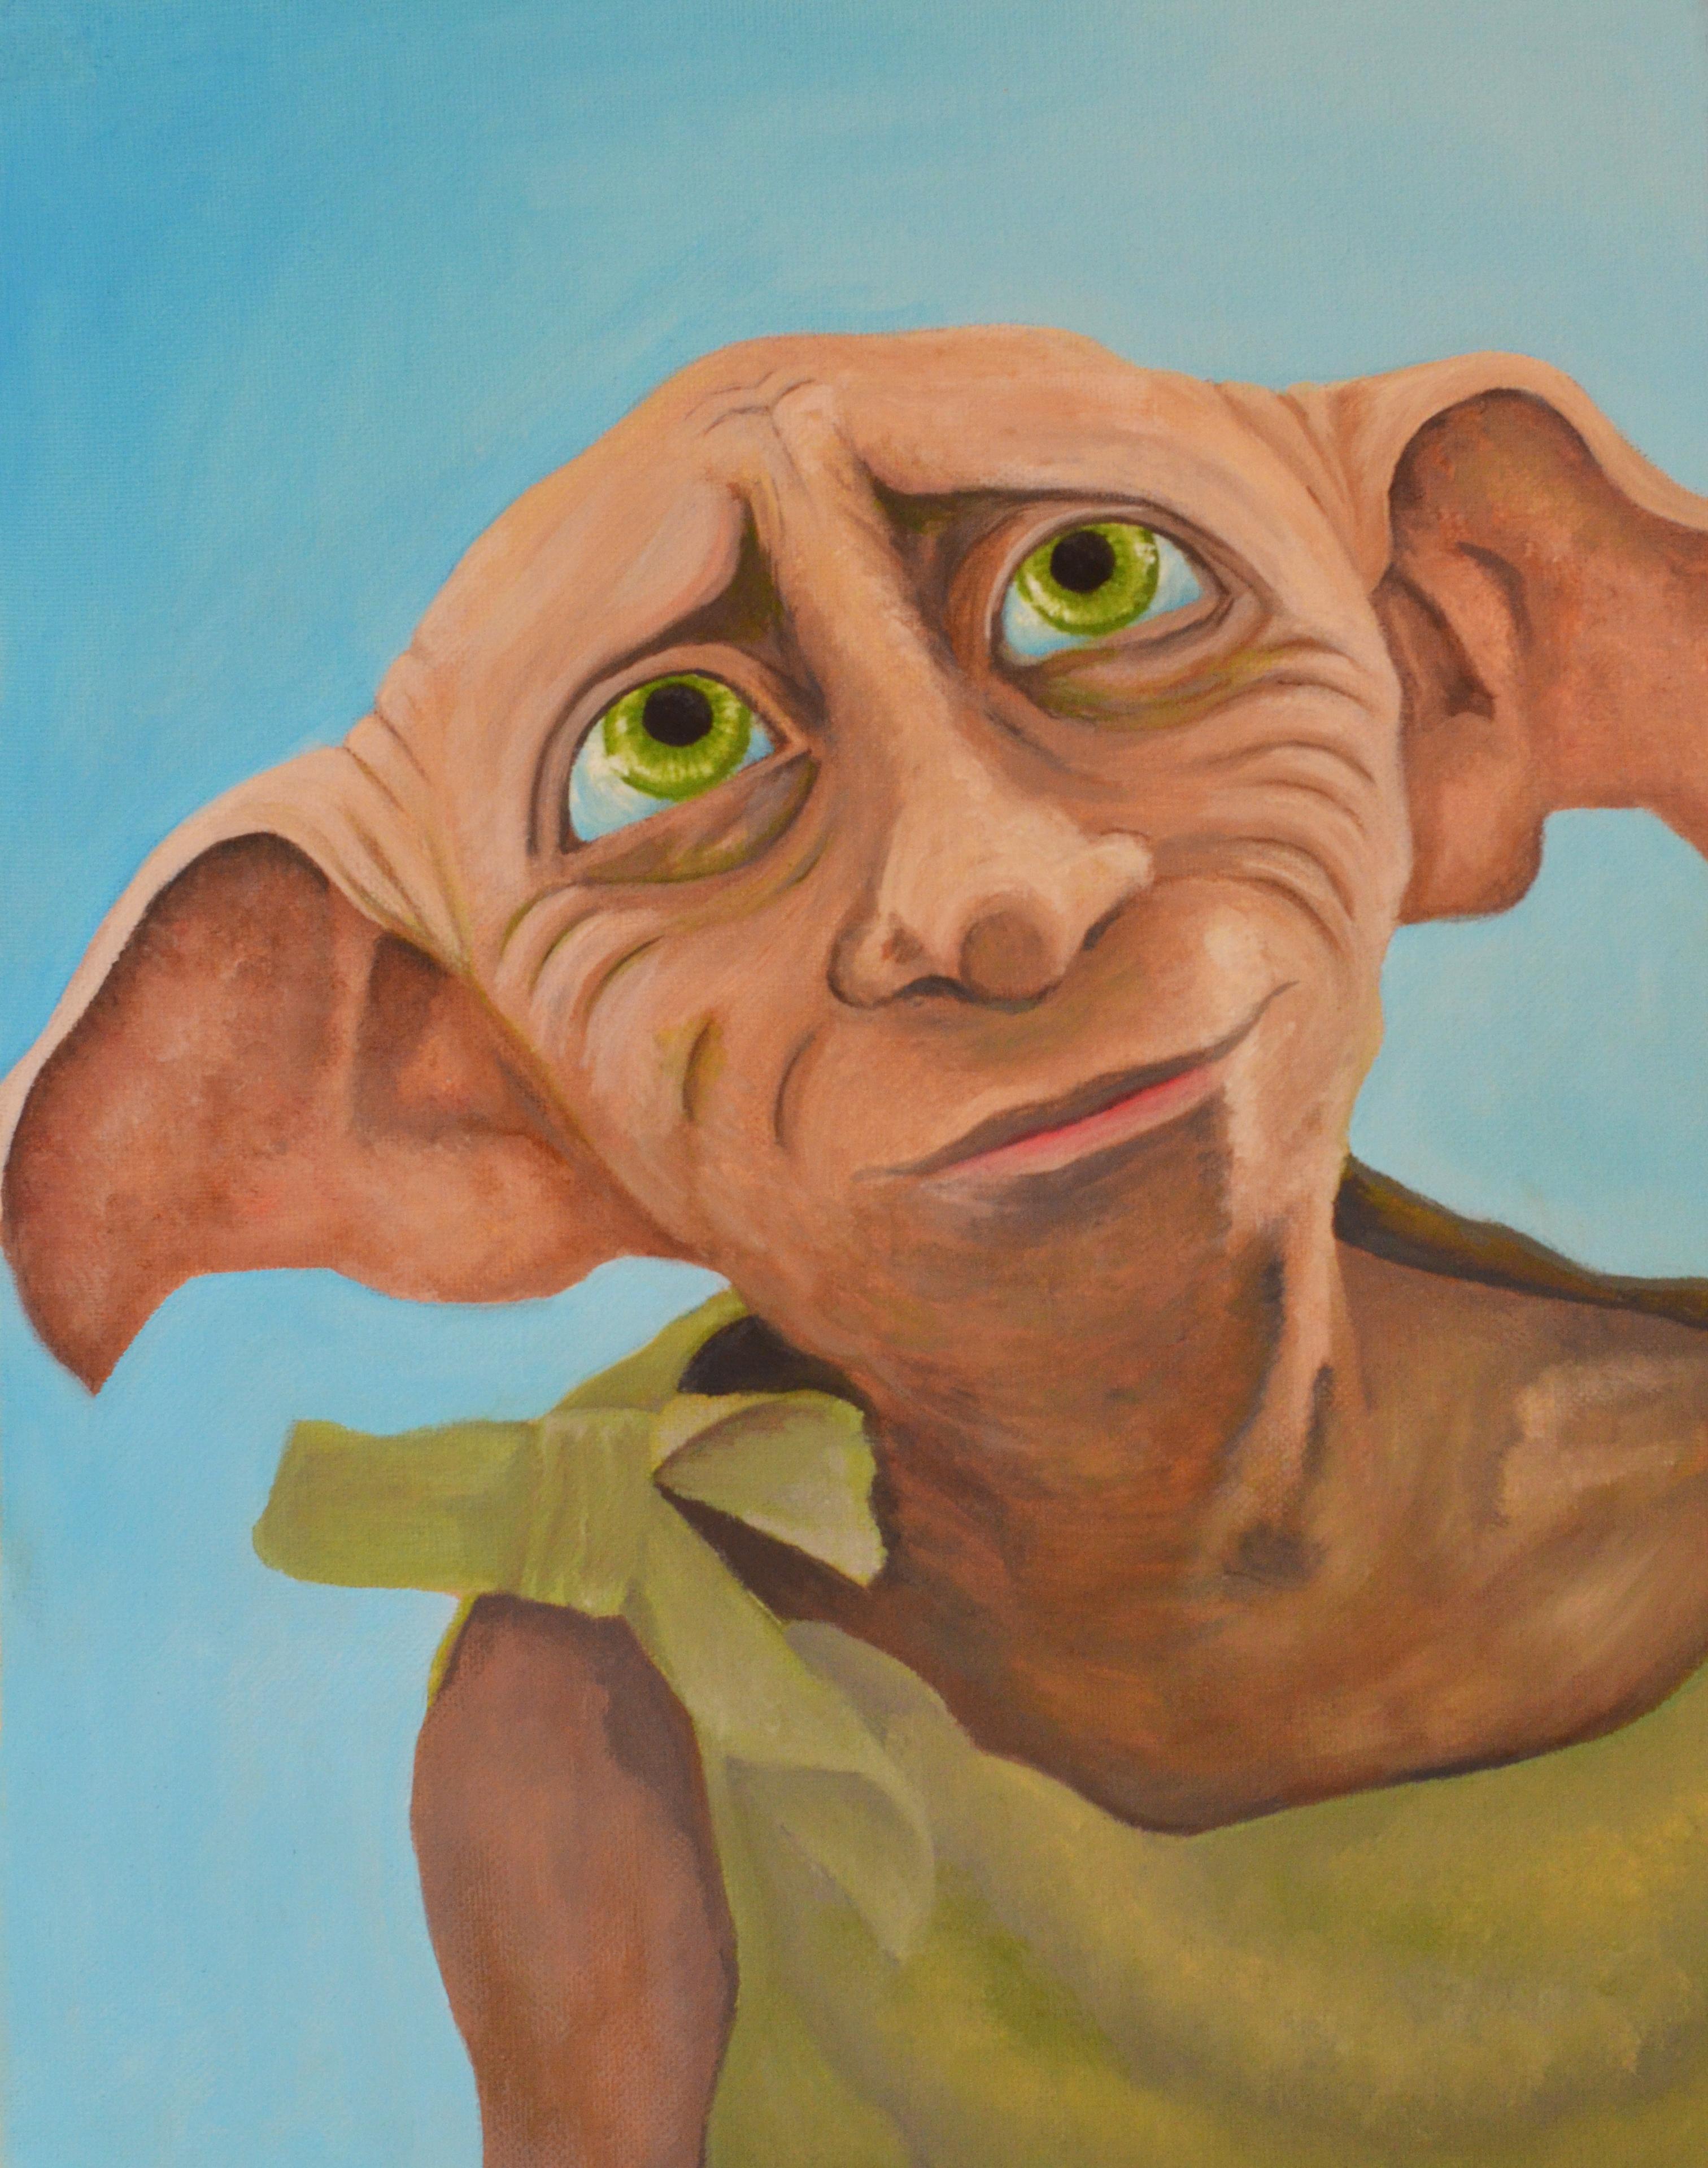 Dobby image